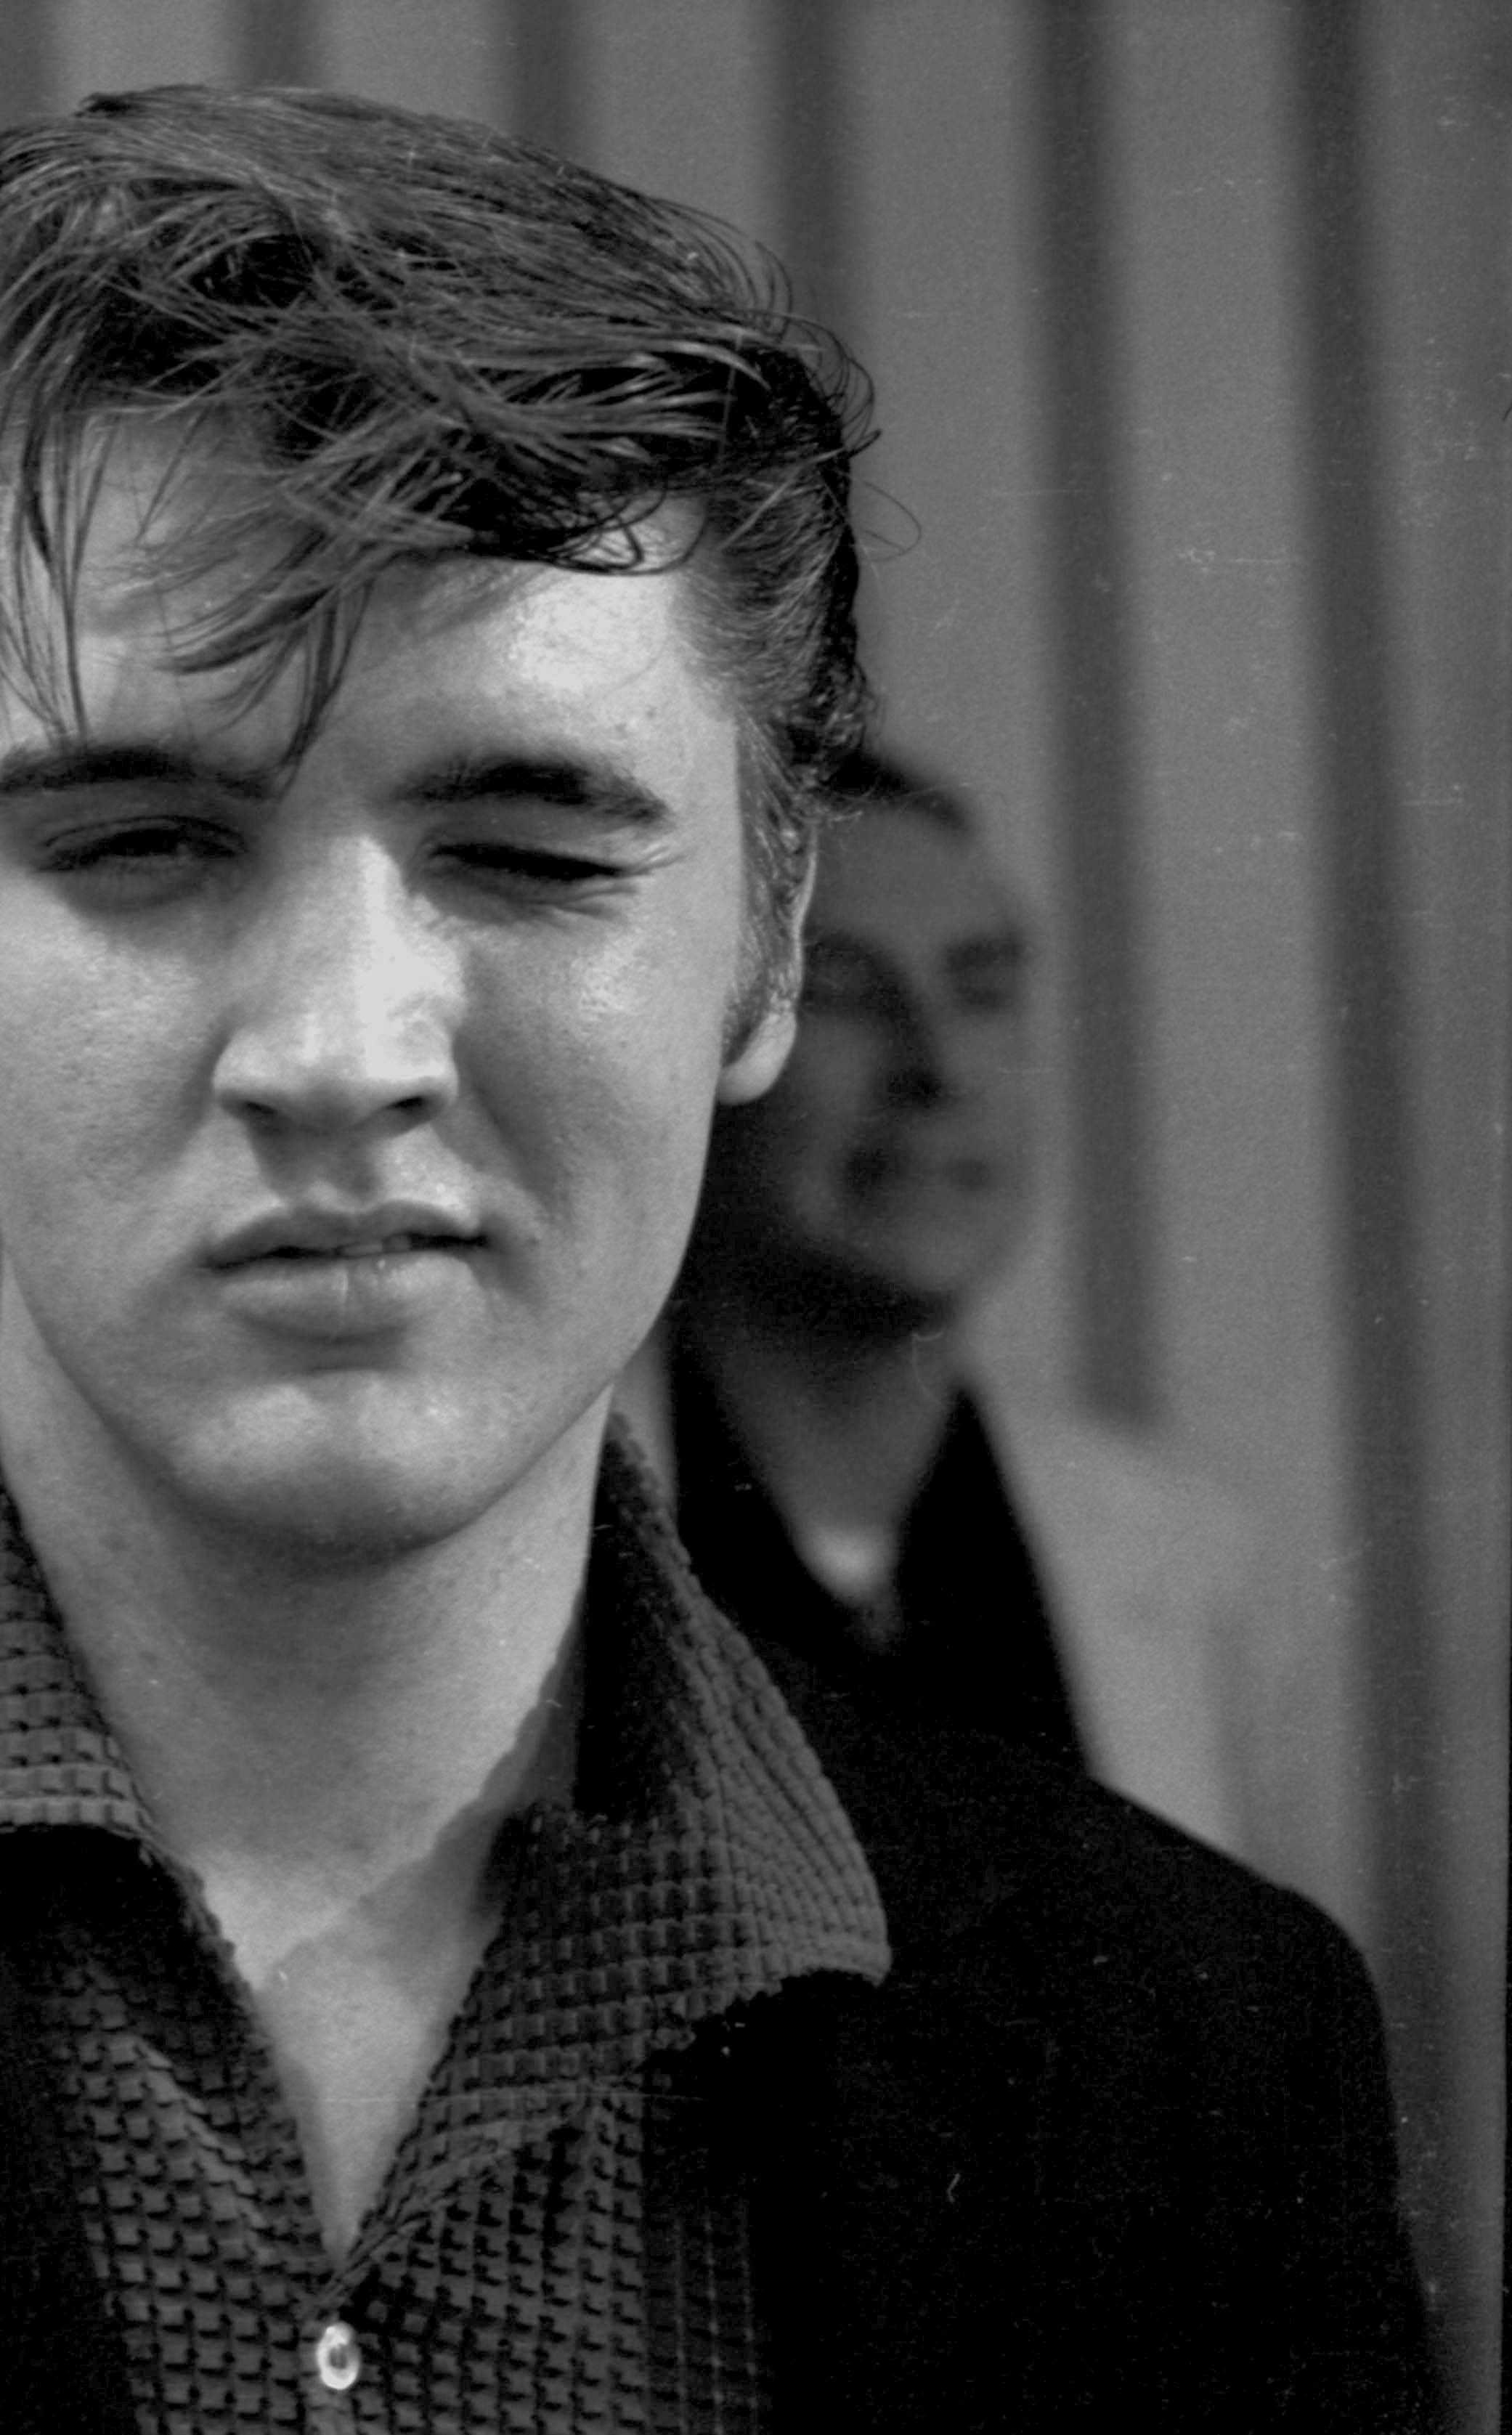 Elvis Close Up Winking.jpg